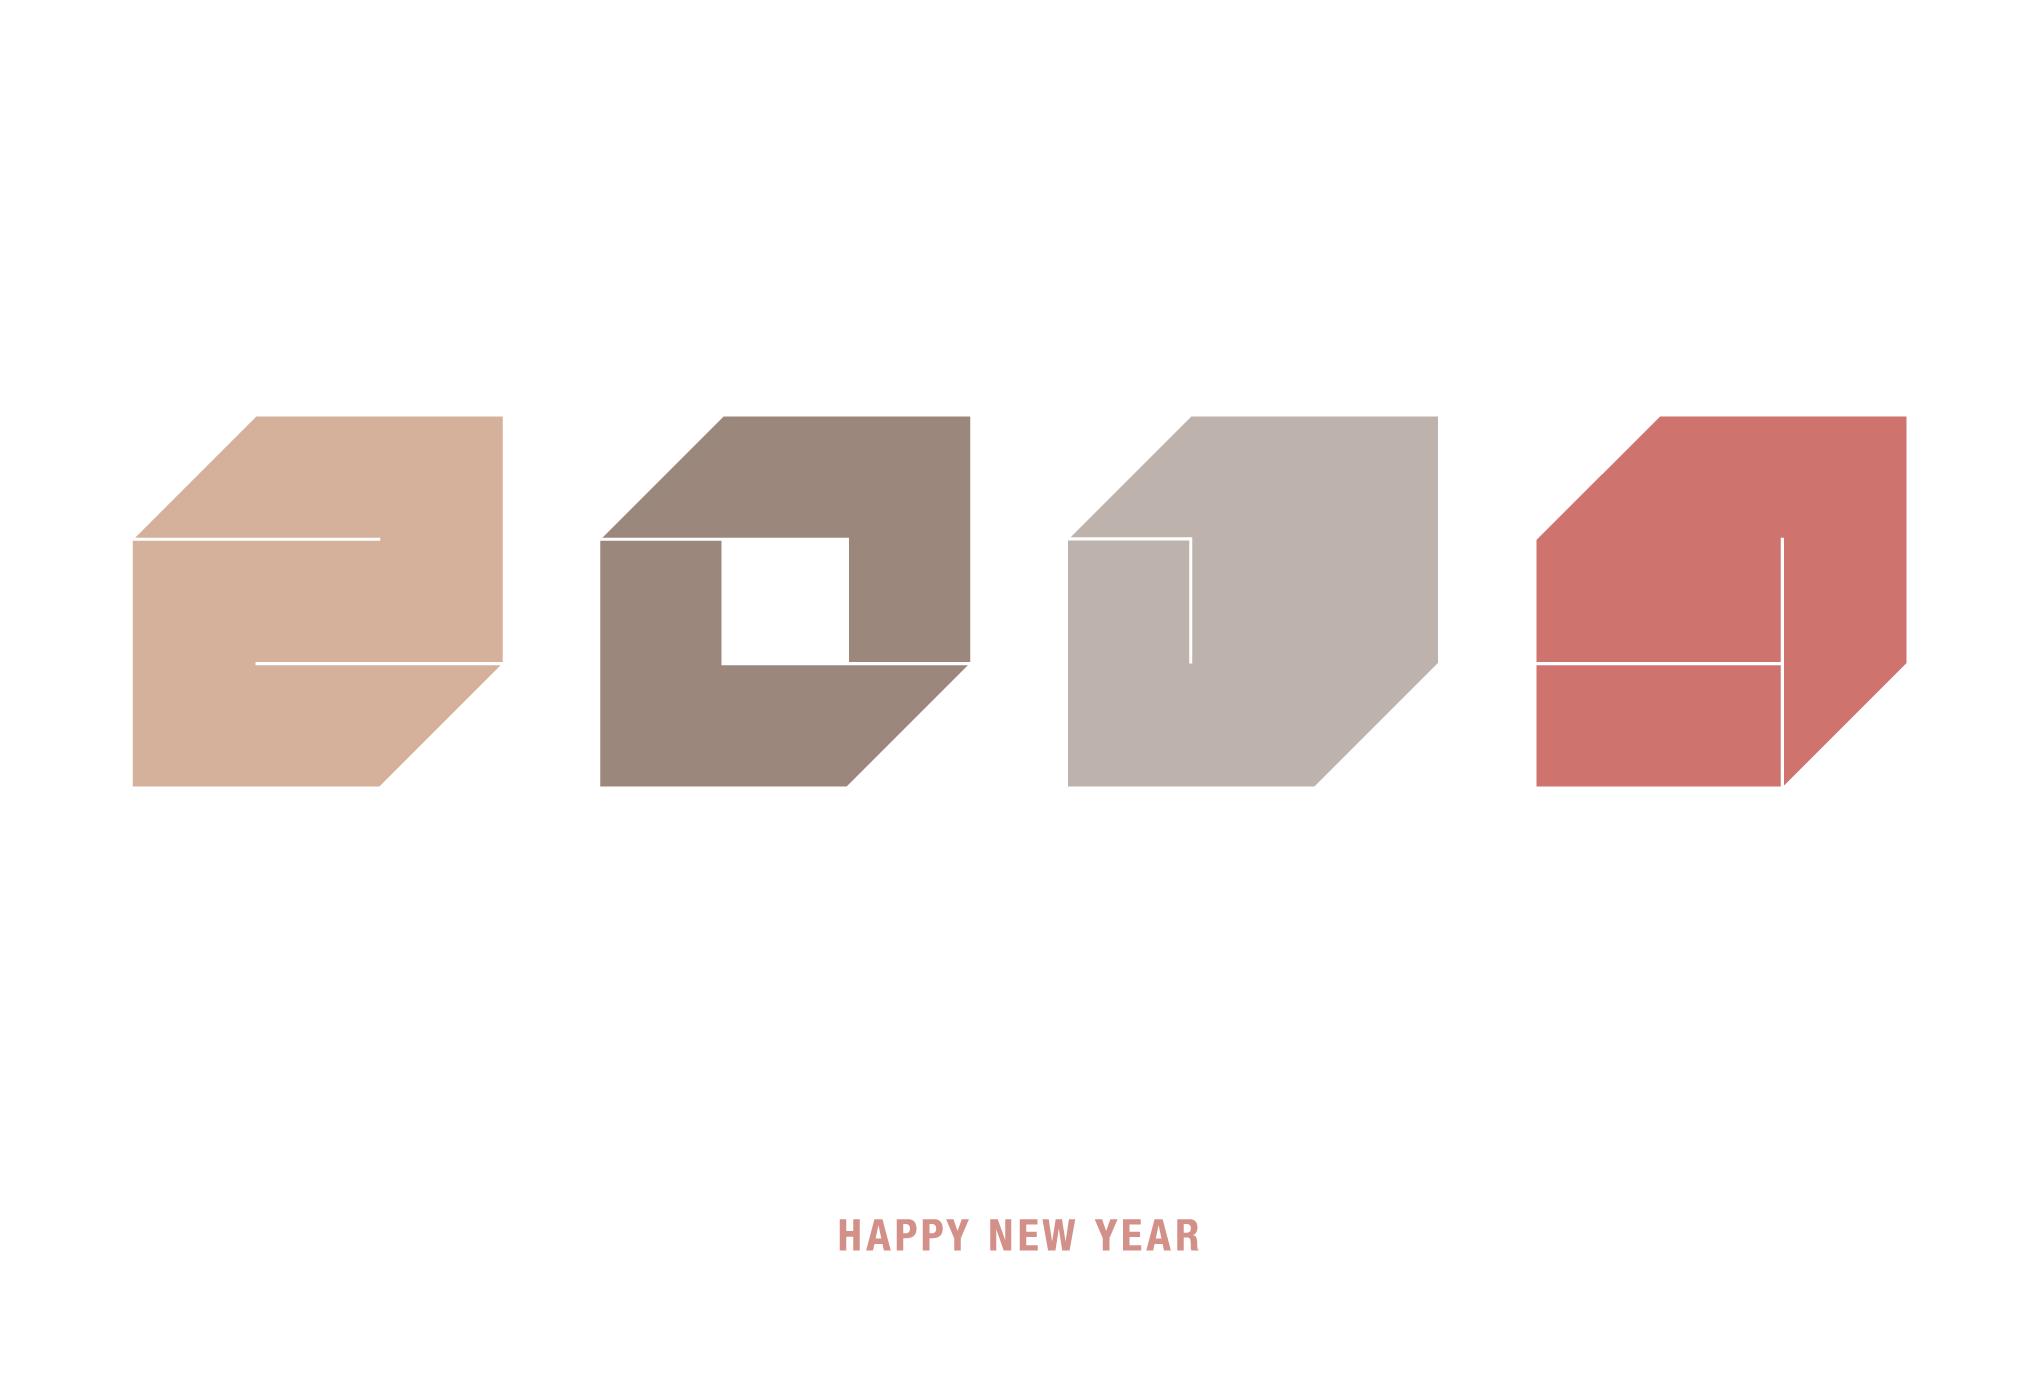 2014年賀状06-3:Square 2014 / 3のダウンロード画像